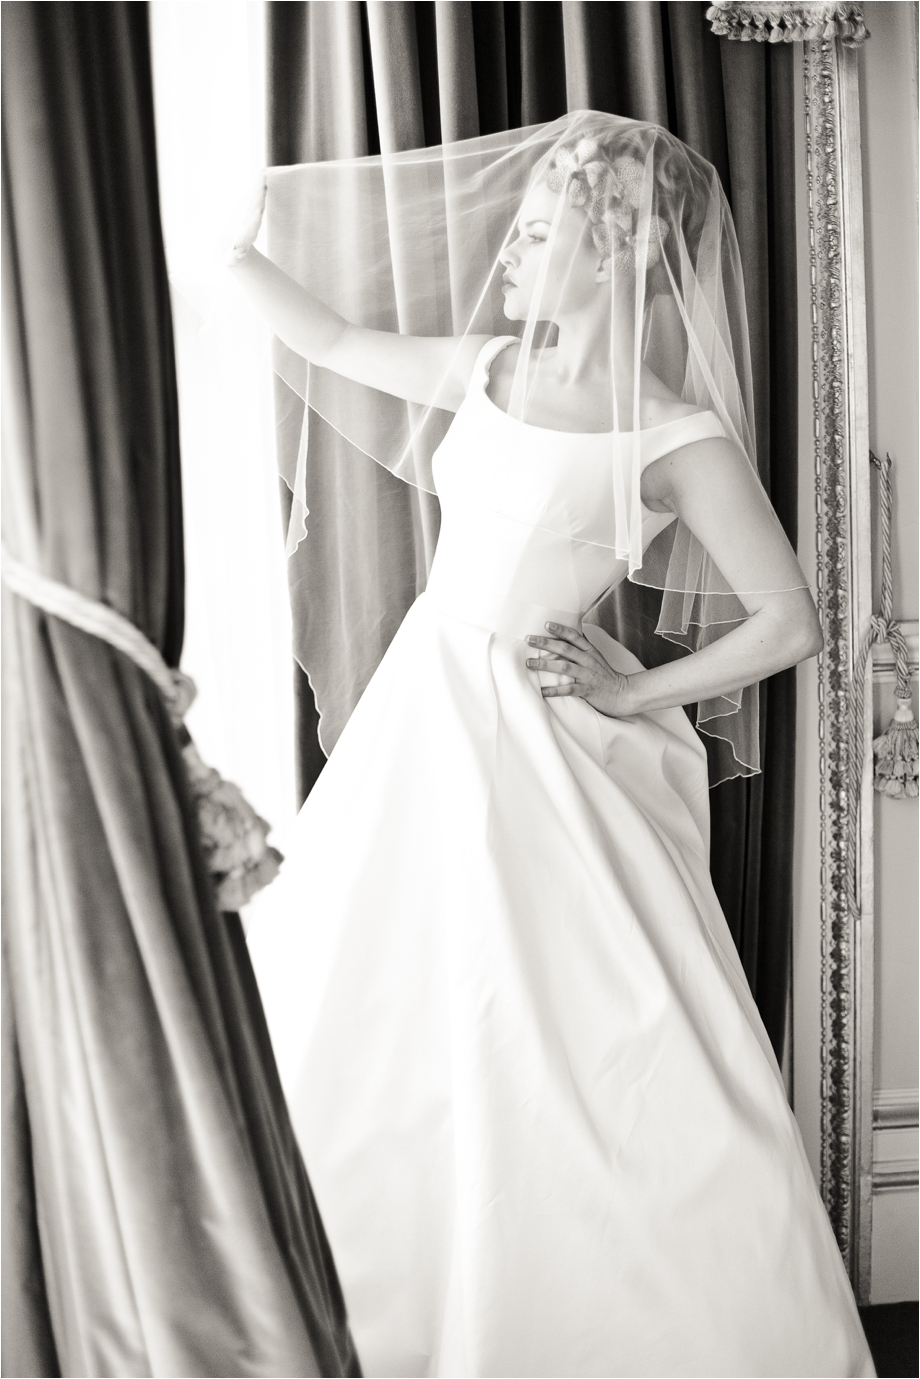 112_eddie-judd-photography-miss-bush-bridal-debutantes_0977_FB